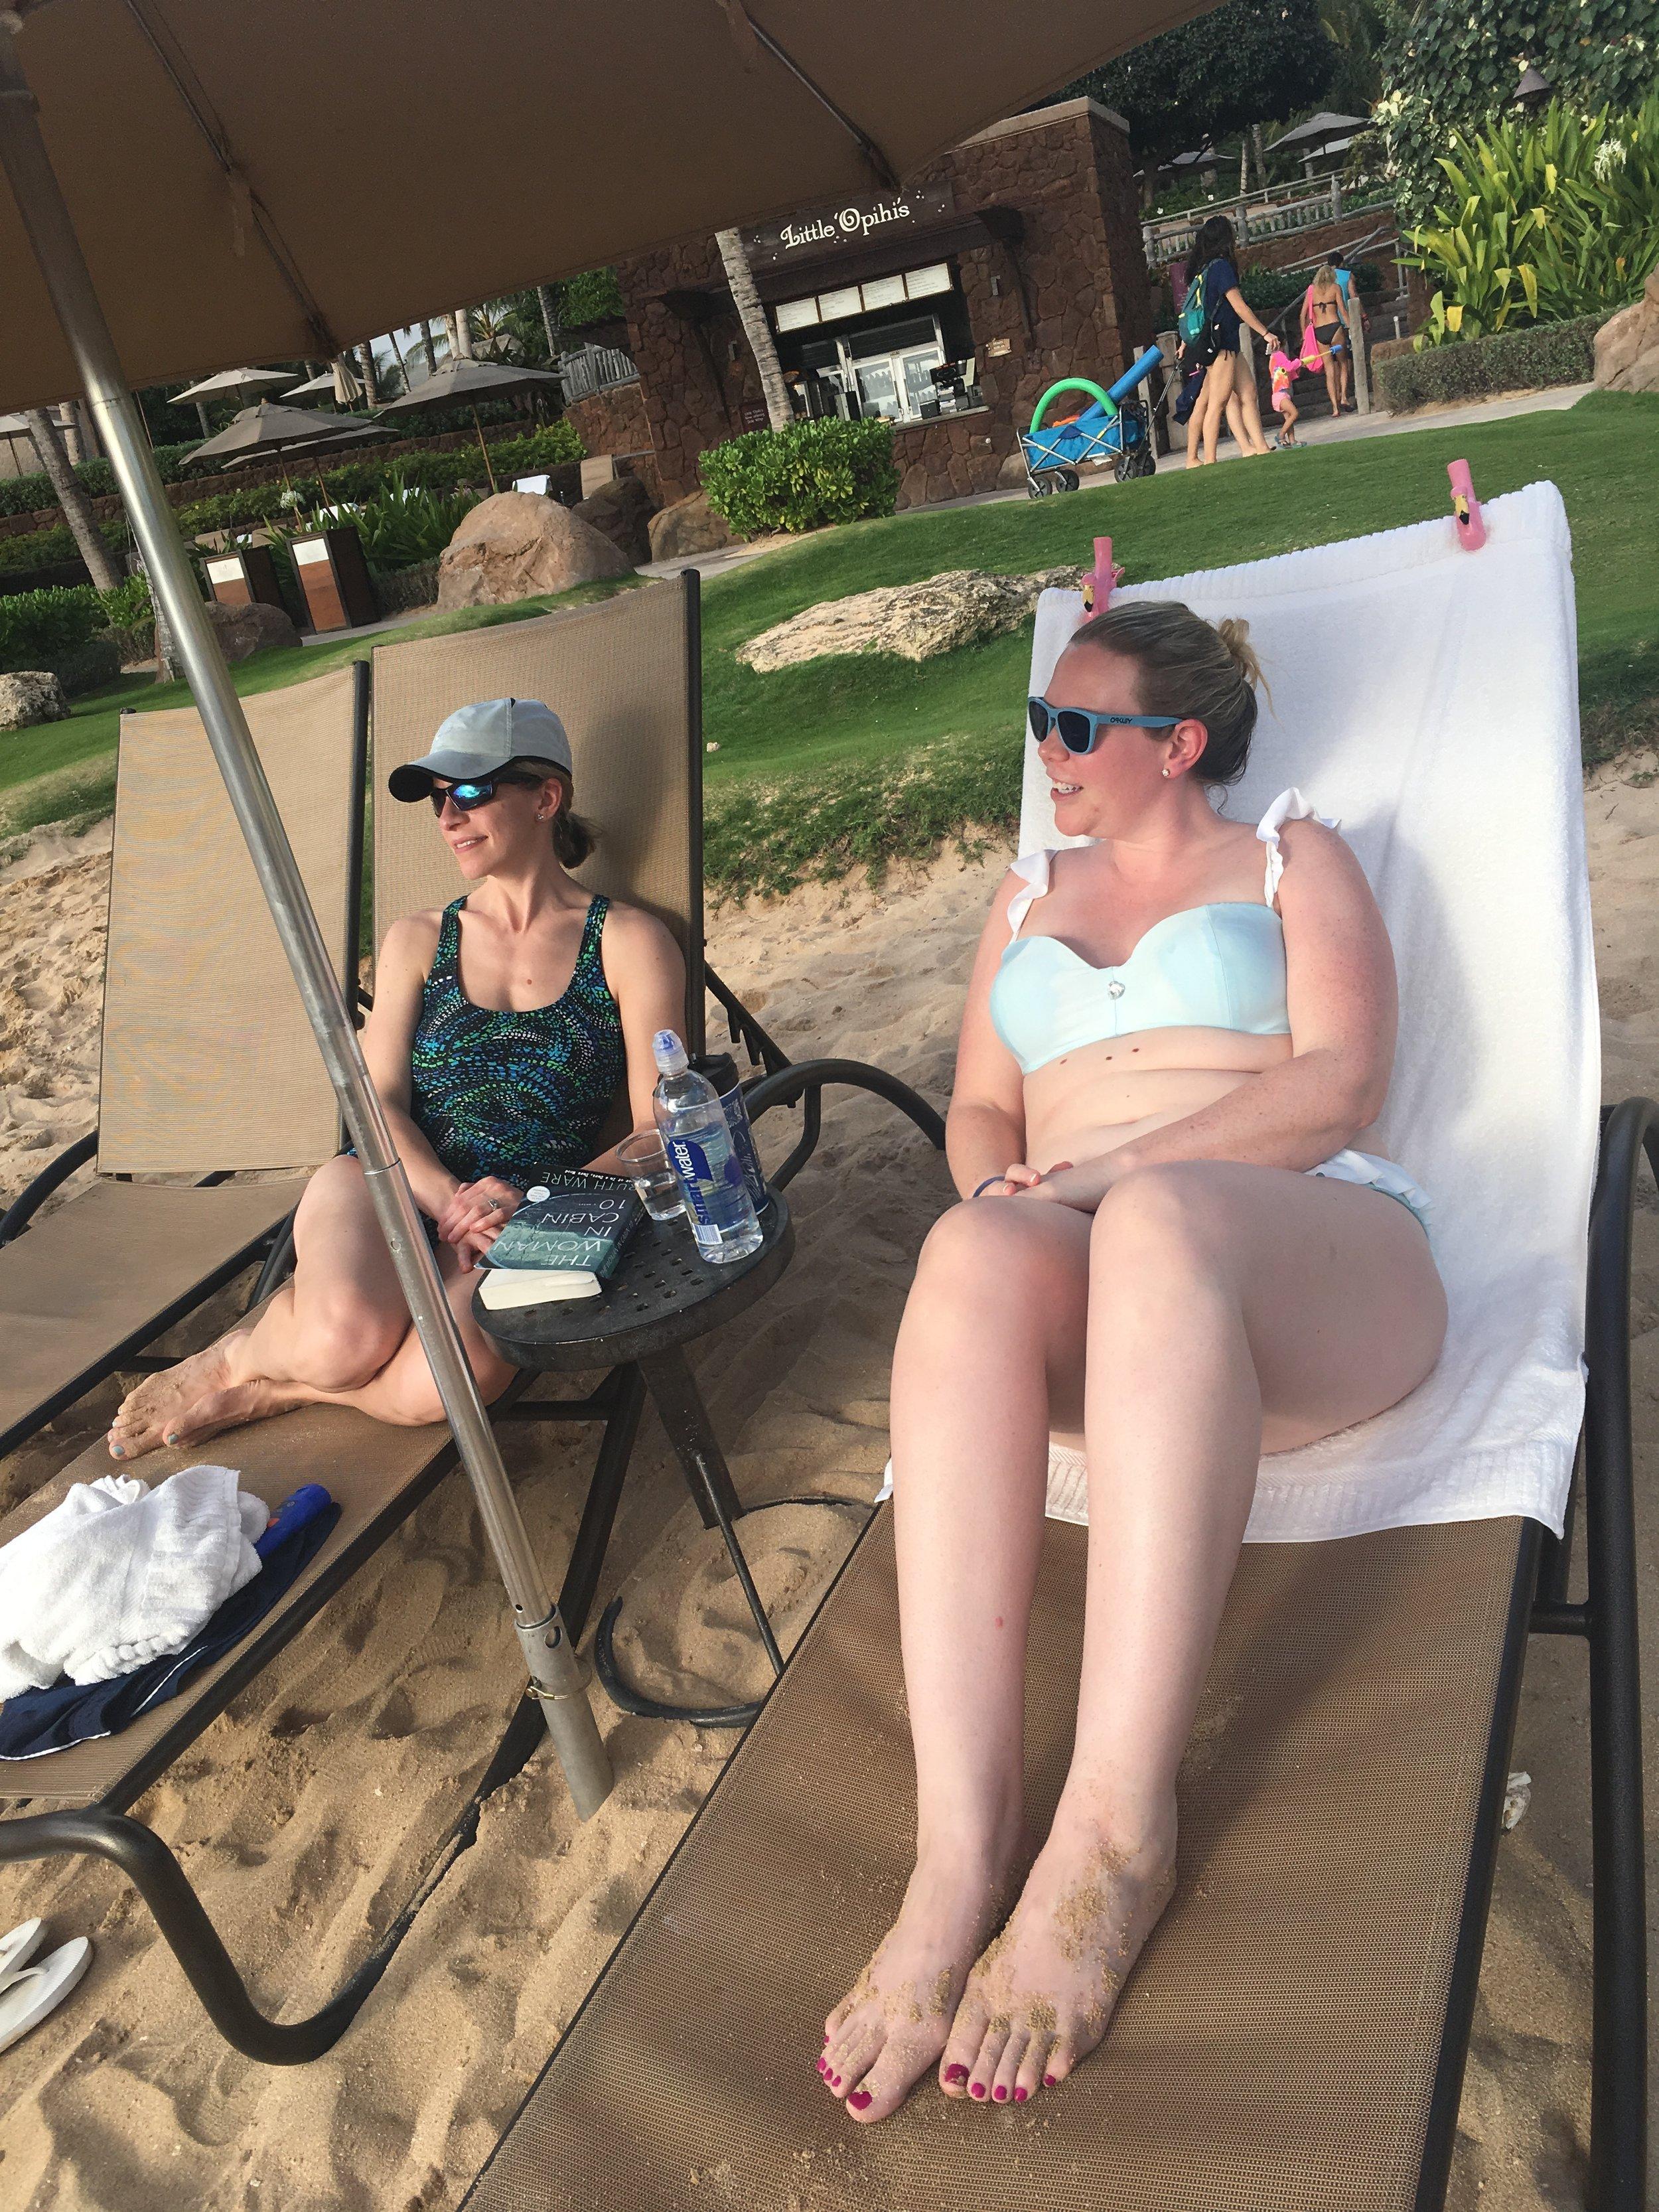 The girls beaching' it.